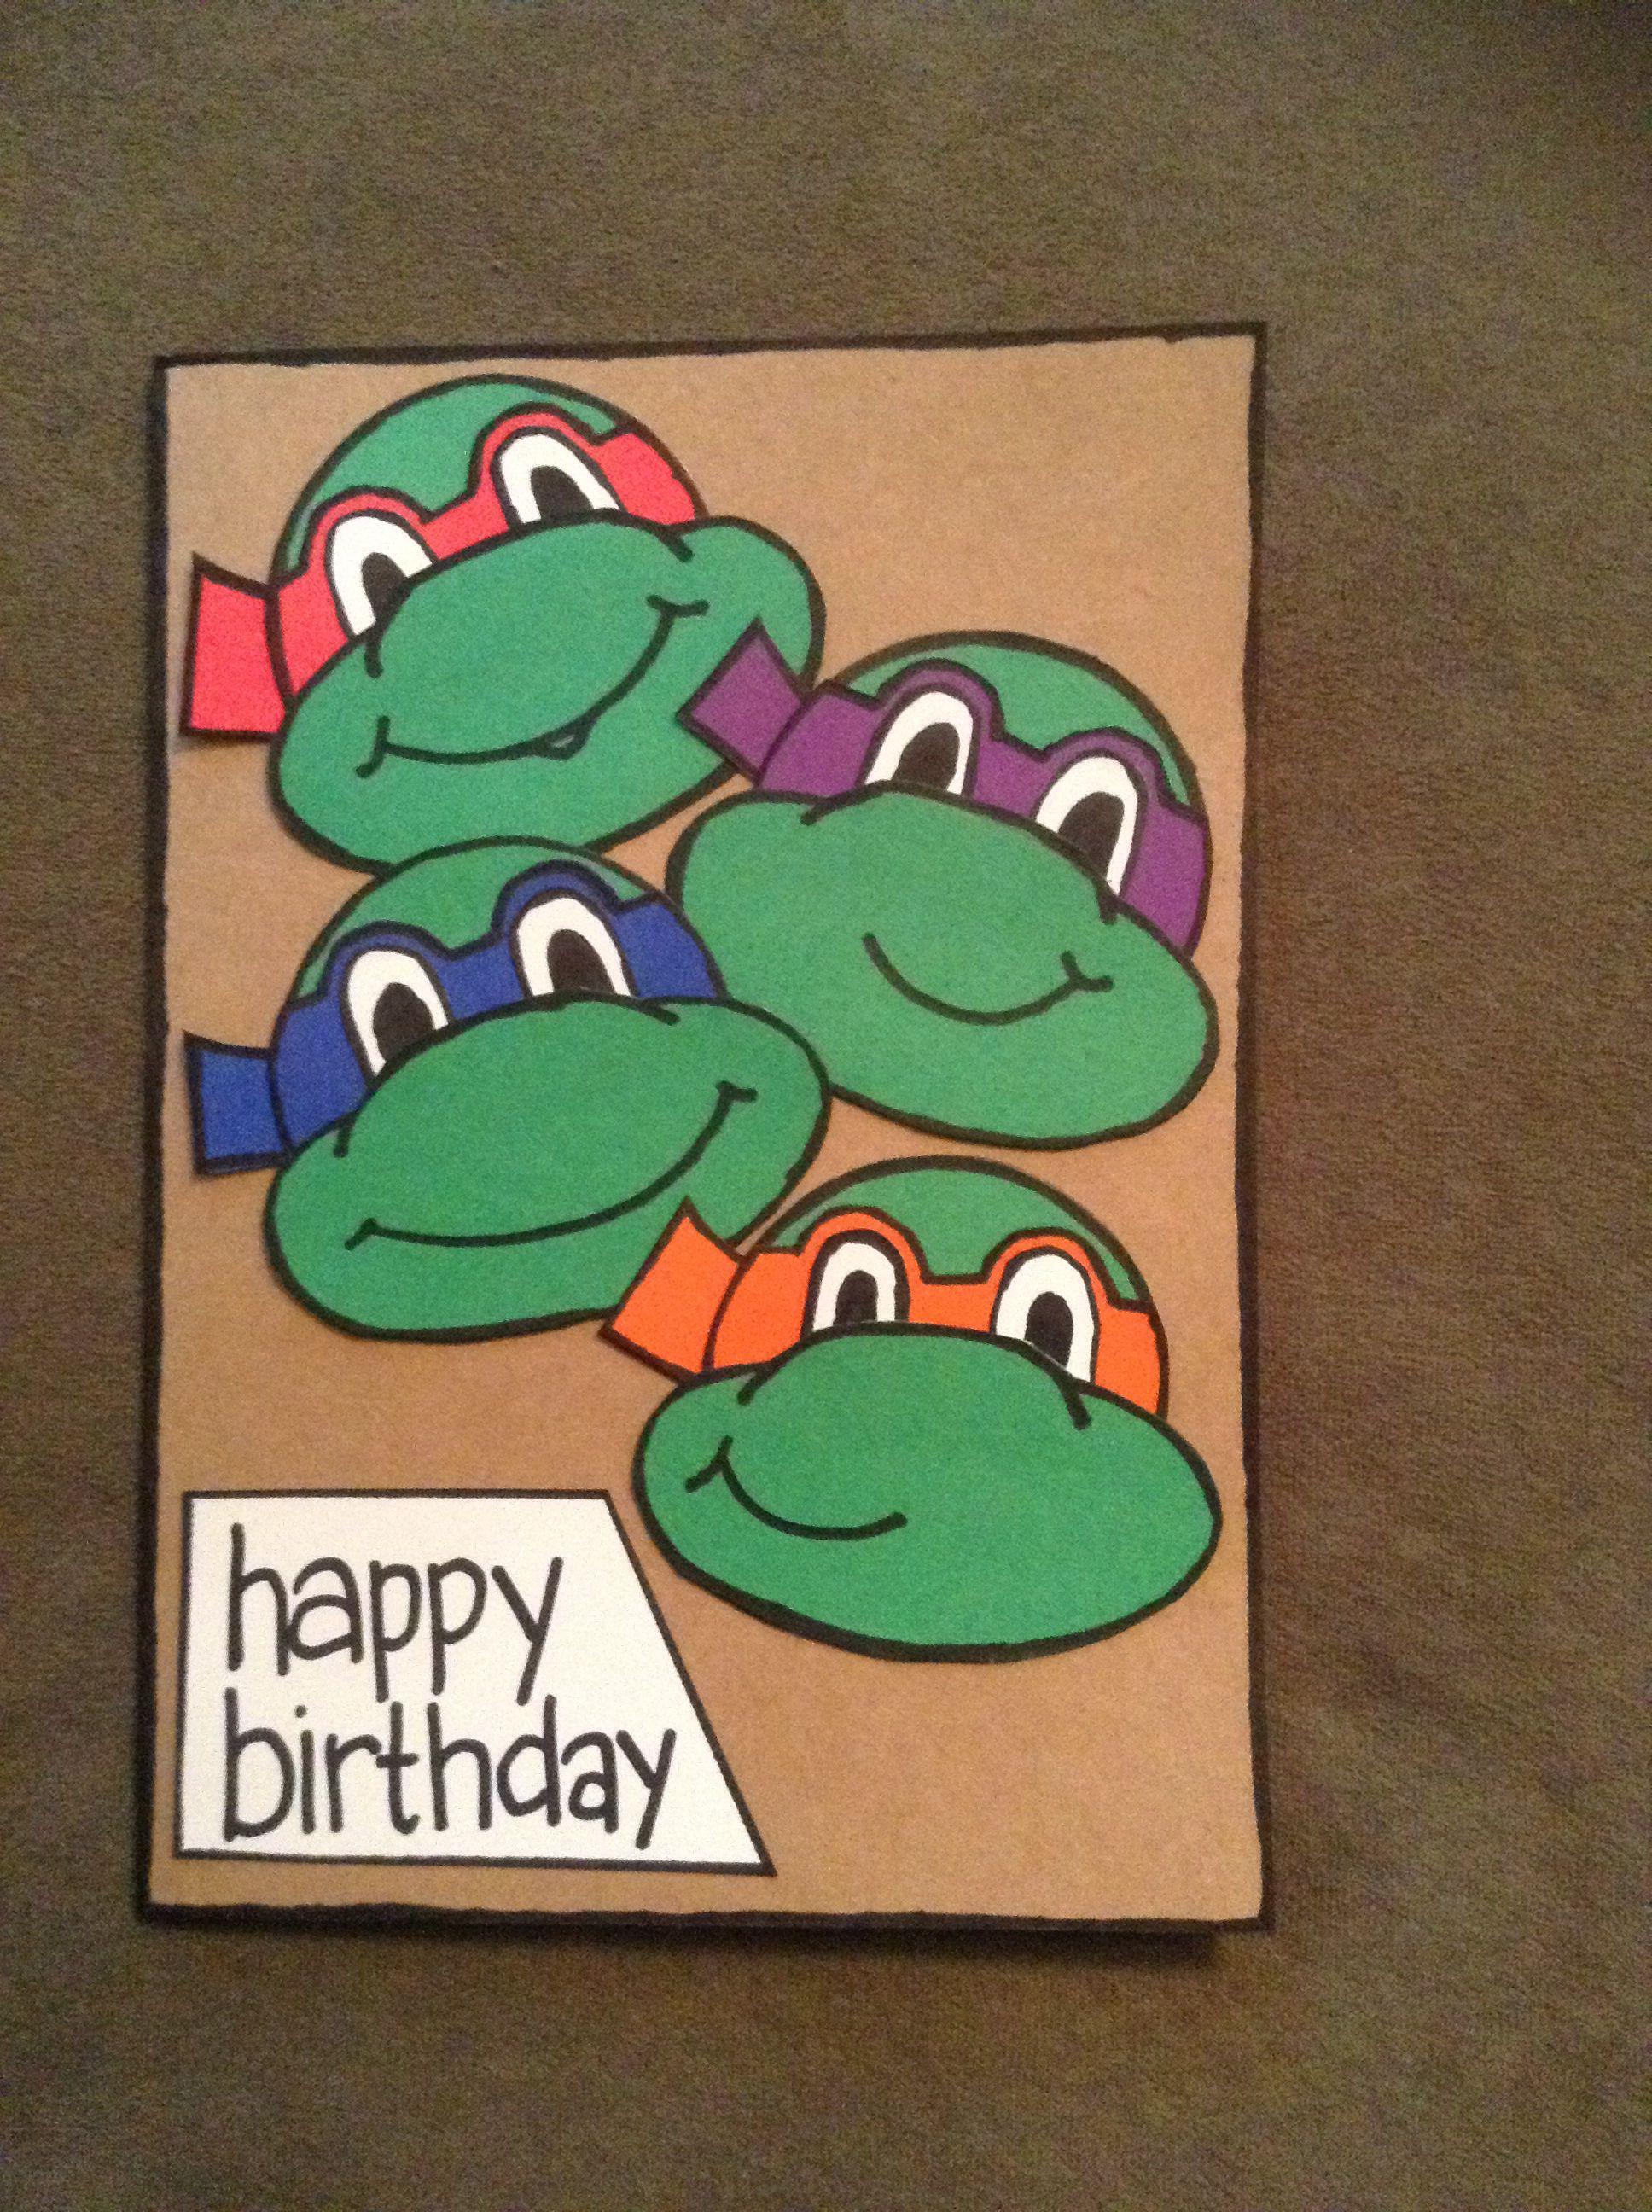 teenage mutant ninja turtles birthday card Kids cards Pinterest